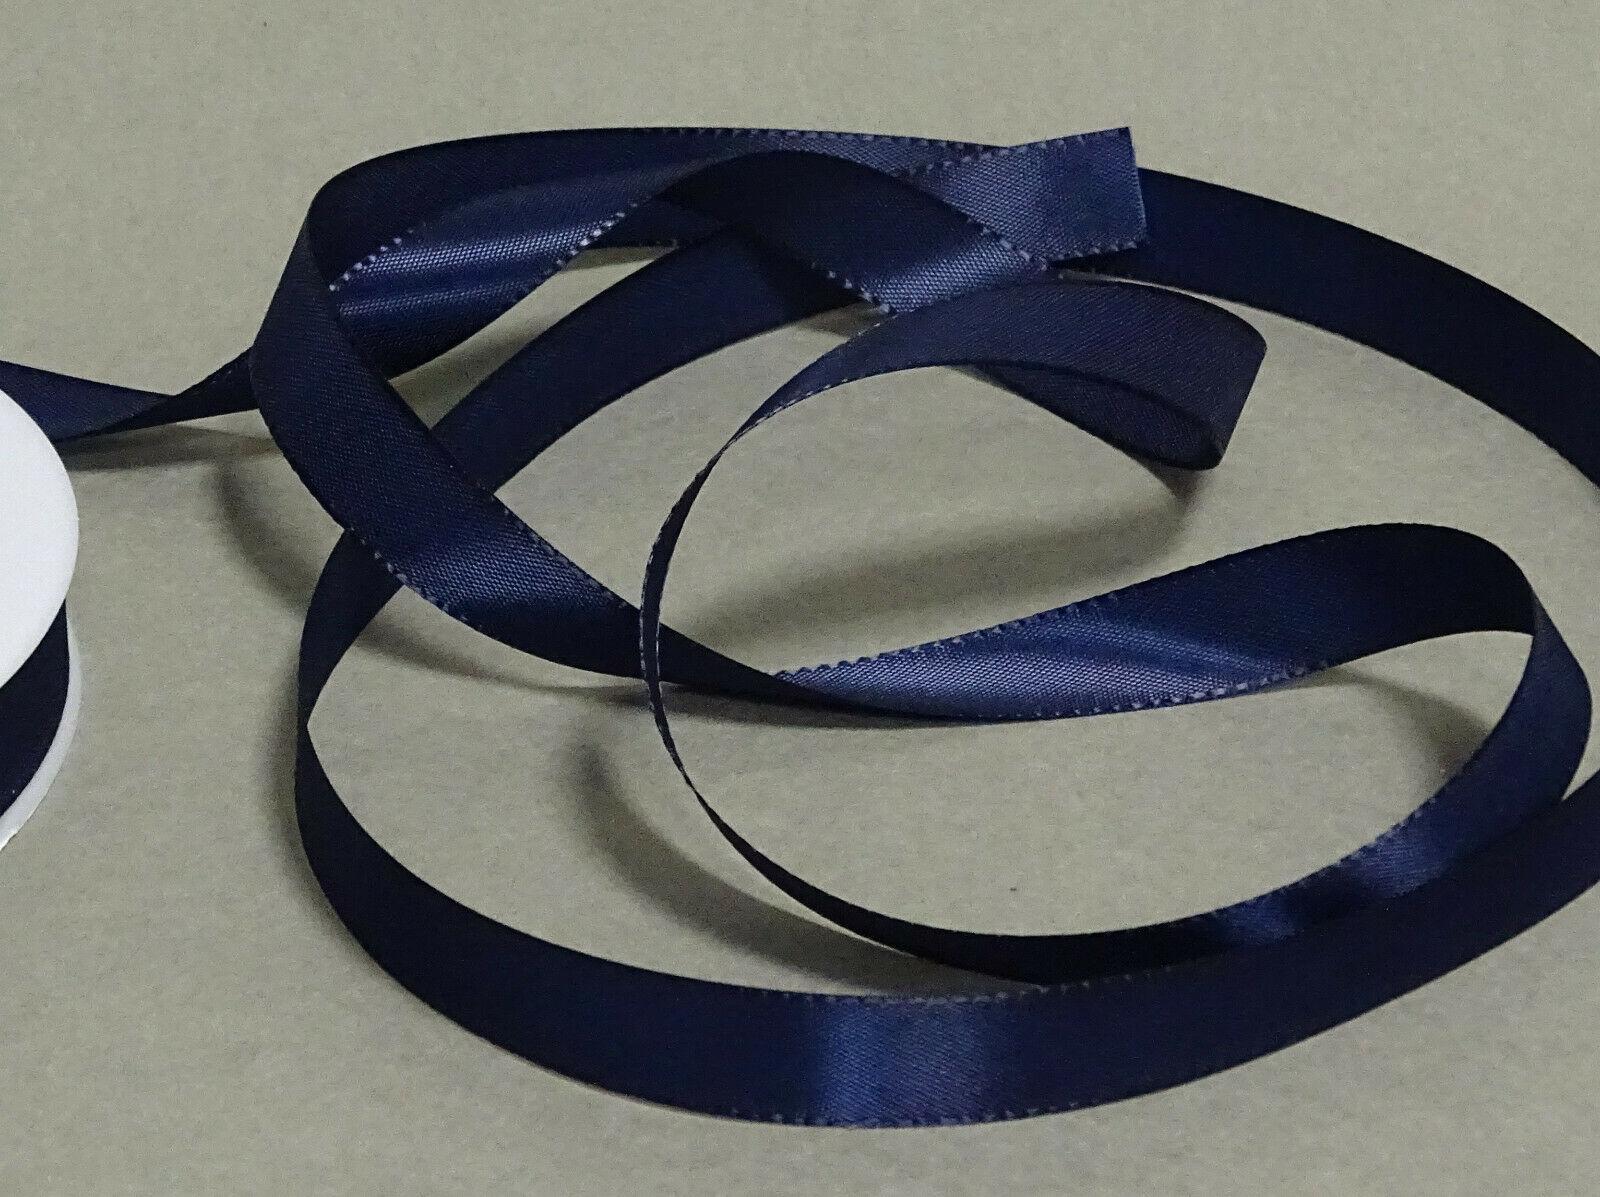 Seidenband Schleifenband 50 m x 15 mm / 40 mm Dekoband ab 0,08 €/m Geschenkband  - Dunkelblau 121, 40 mm x 50 m